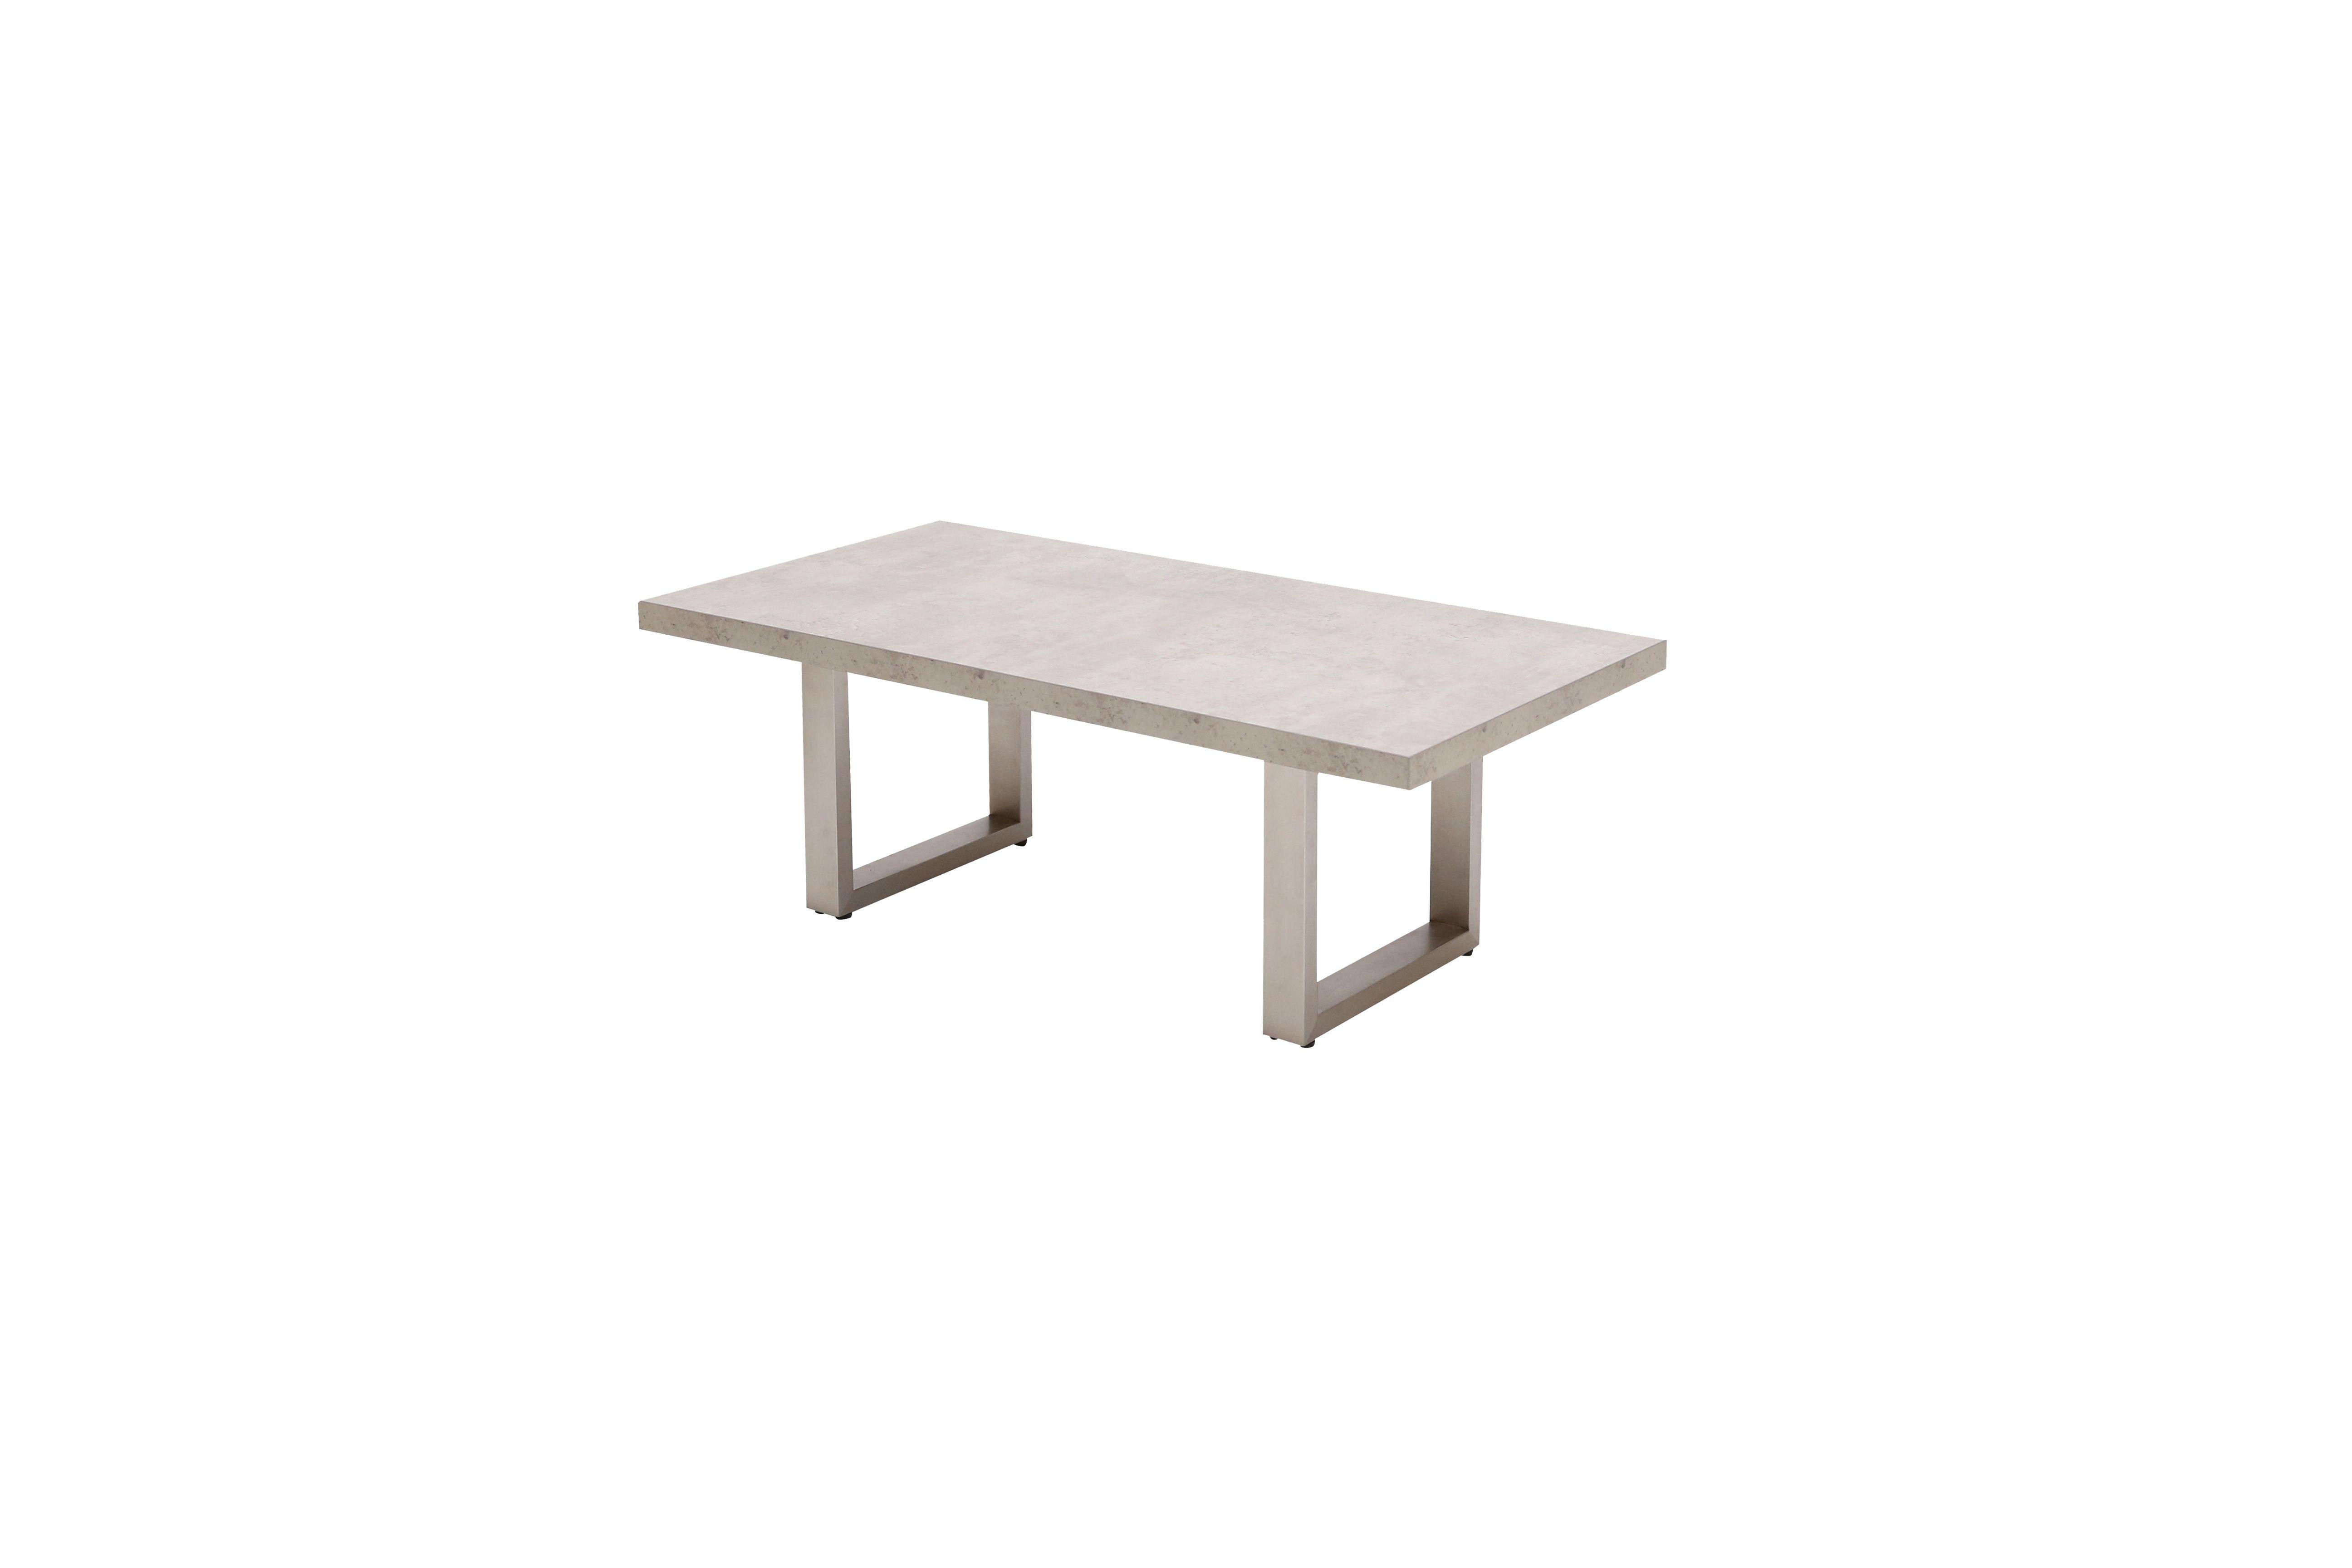 Couchtisch Grau Woody 112 00635 Holz Modern Jetzt Bestellen Unter